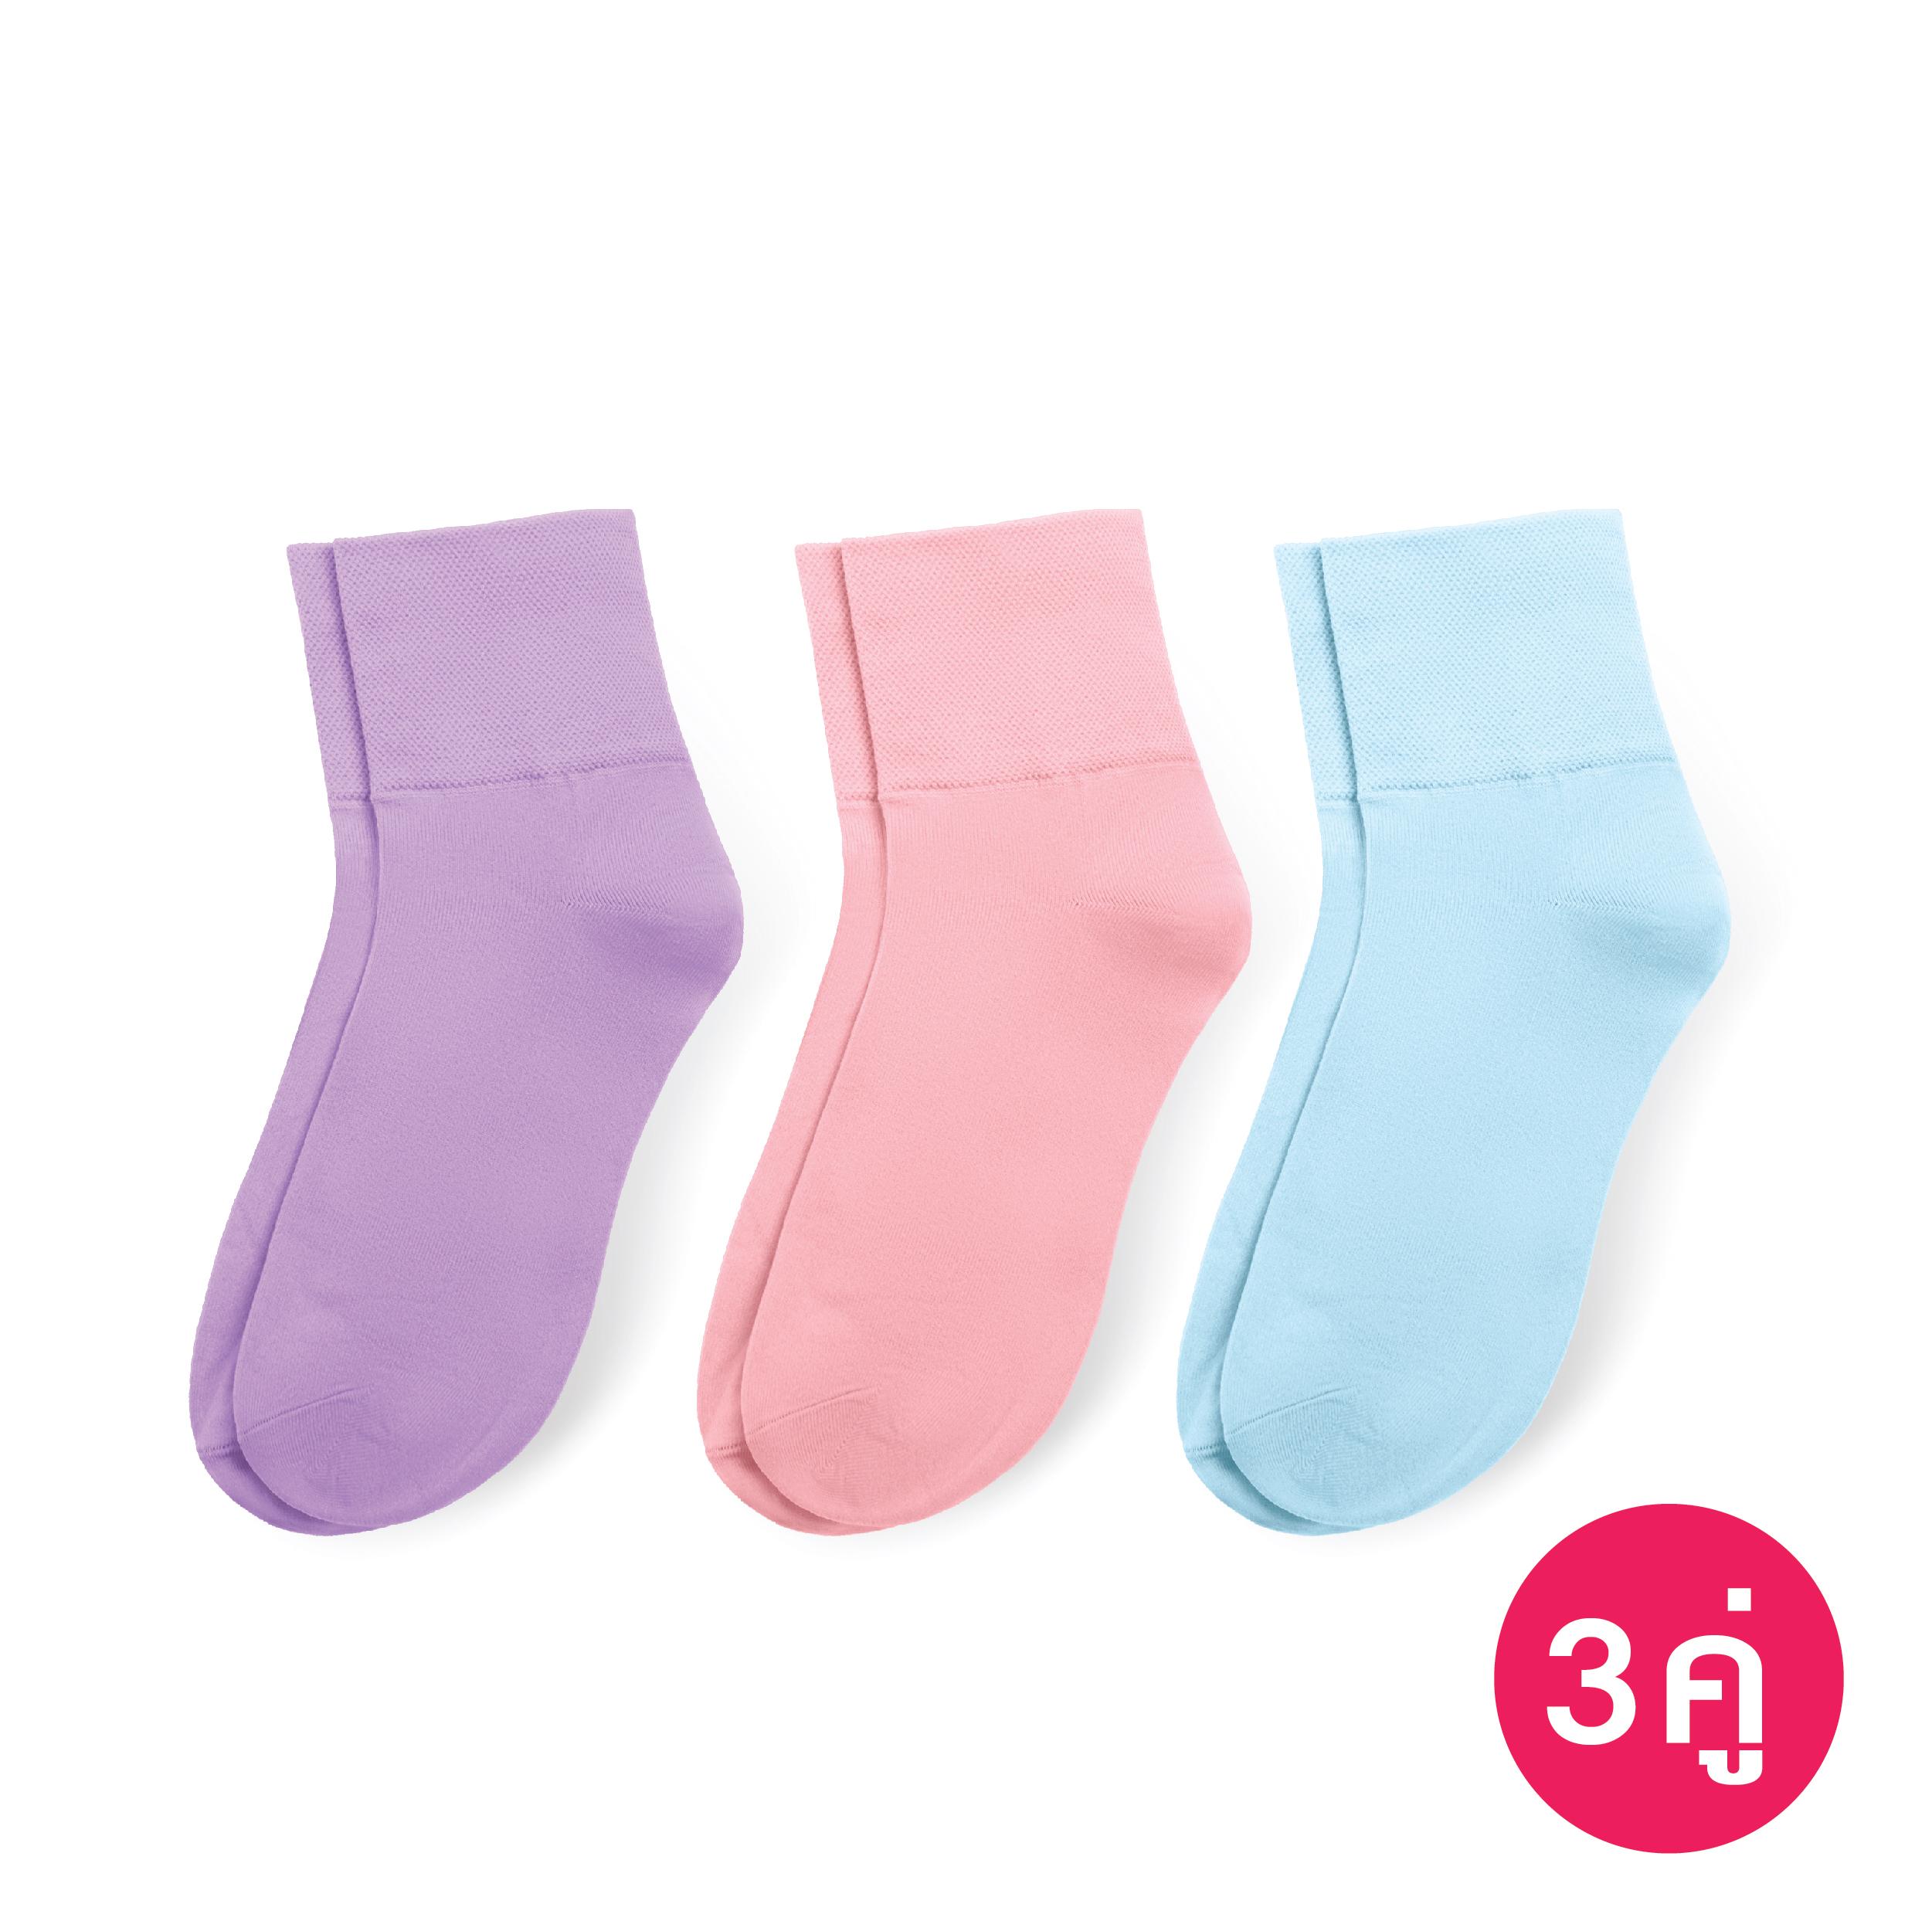 [ซื้อ Set คุ้มกว่า] ถุงเท้าทอขอบหนา สีม่วง, สีชมพู, สีฟ้าอ่อน รหัส NESOAH